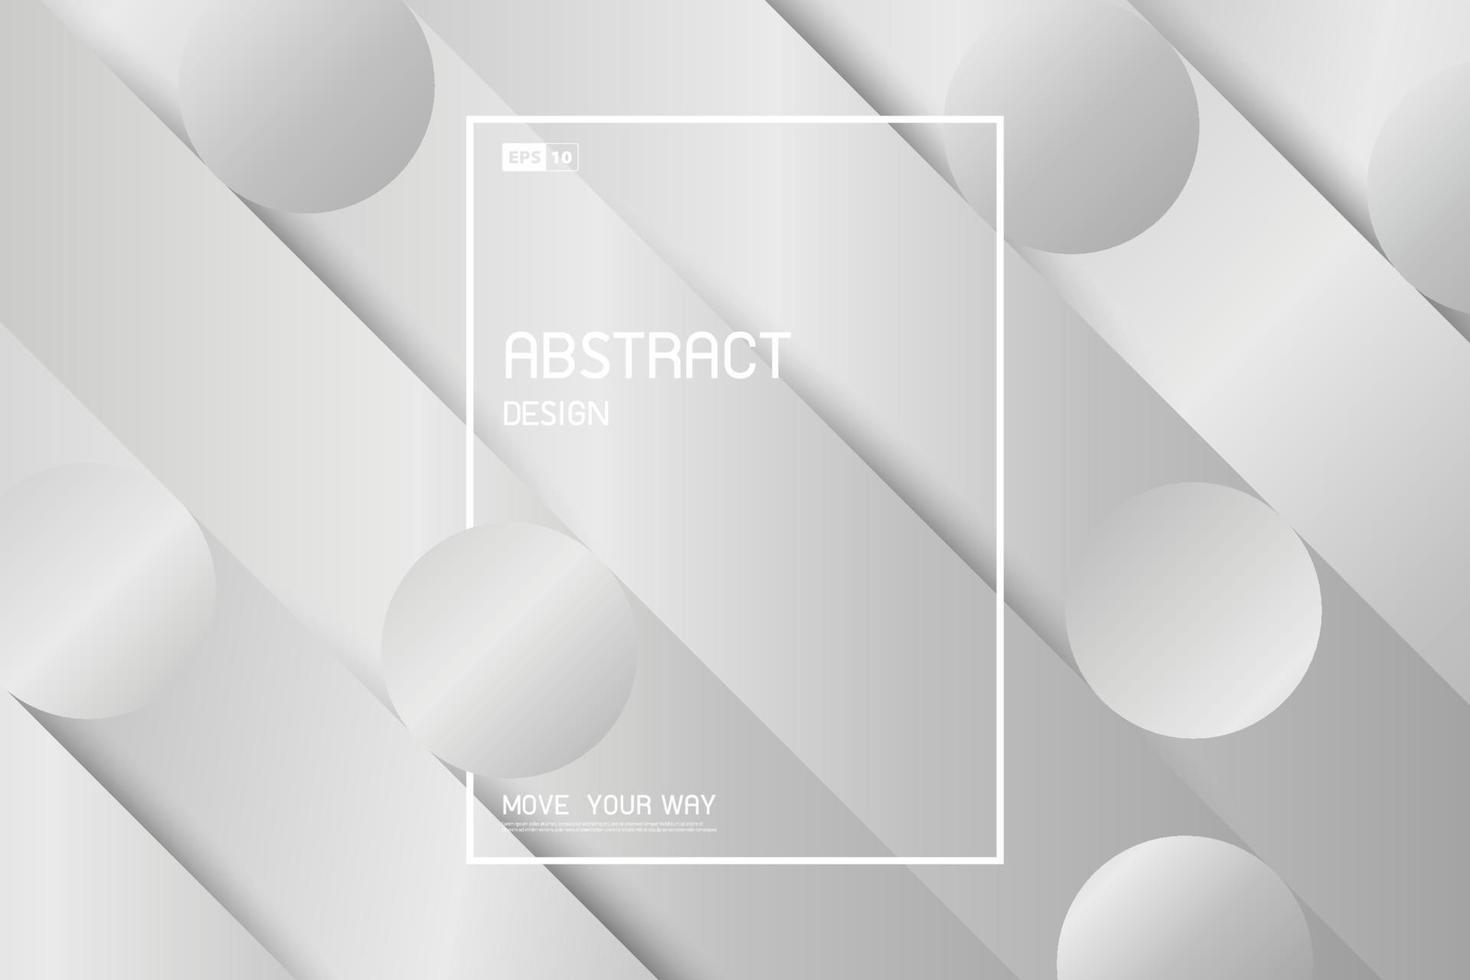 Diseño de plantilla de plata abstracta de fondo de estilo geométrico degradado. vector de ilustración